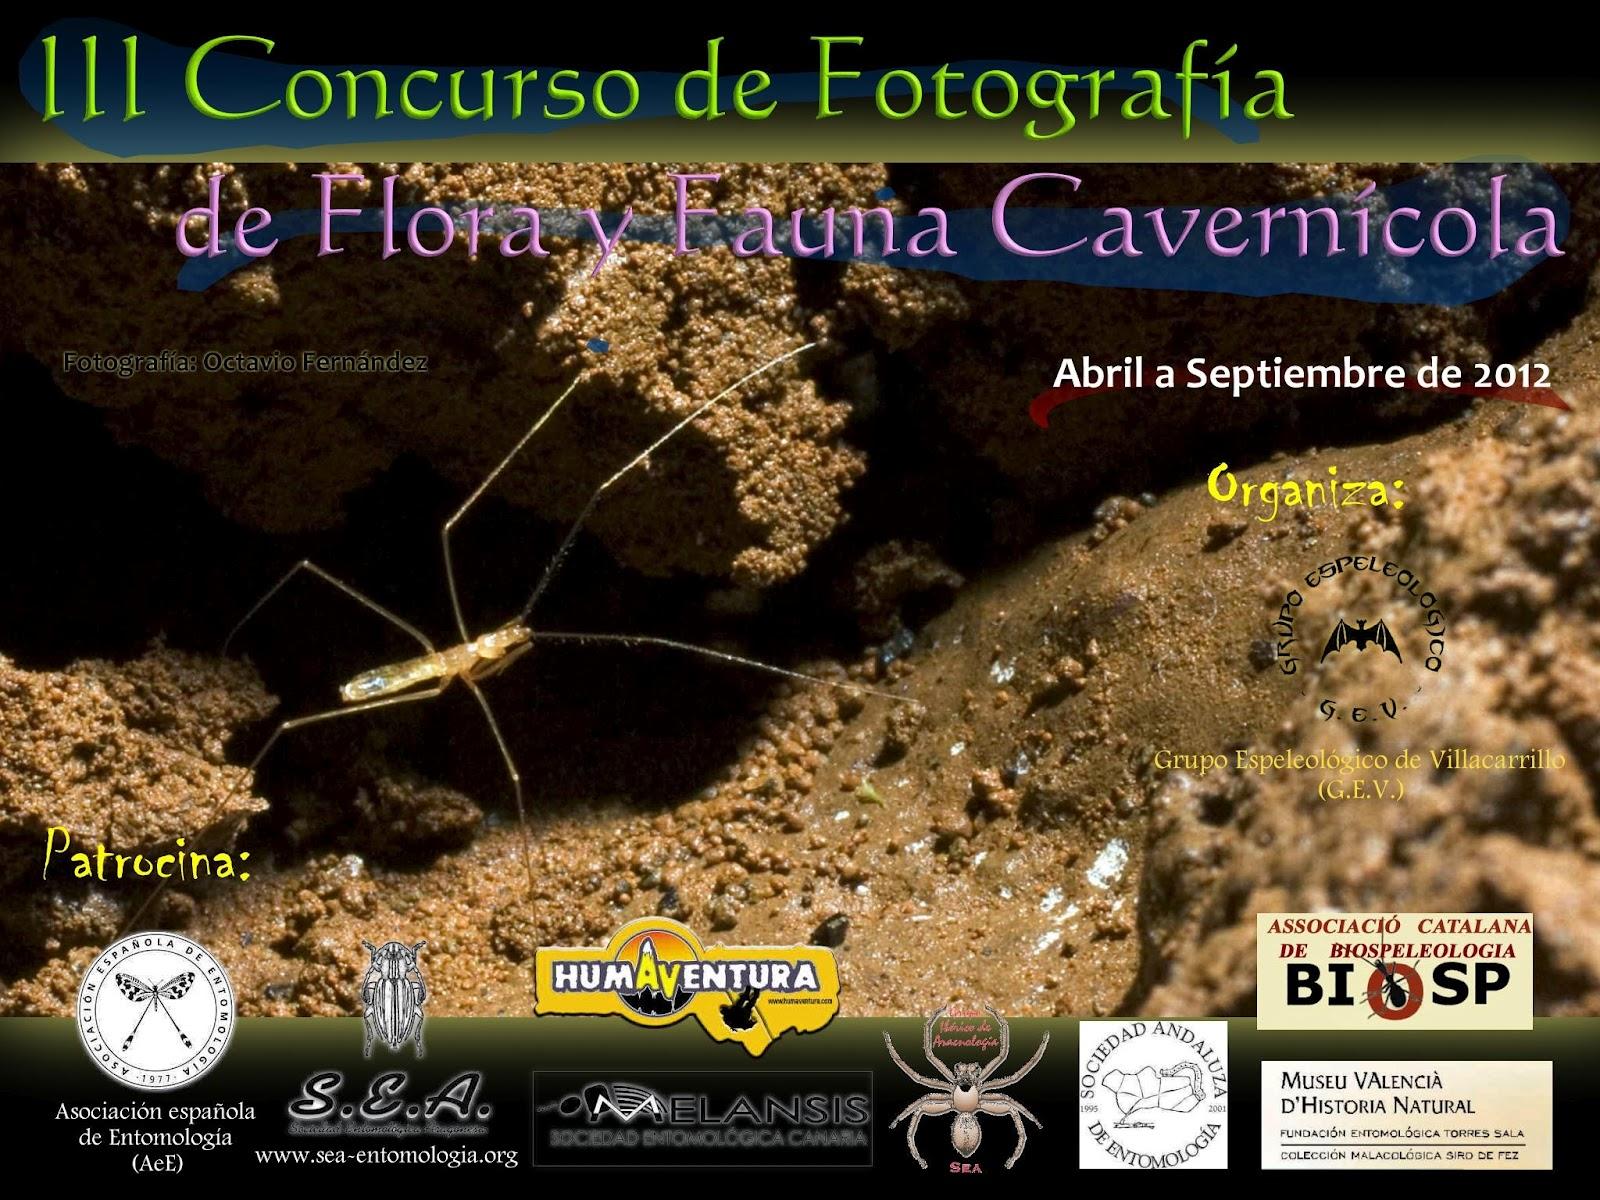 III Concurso Internacional de Fotografía de Flora y Fauna Cavernícola